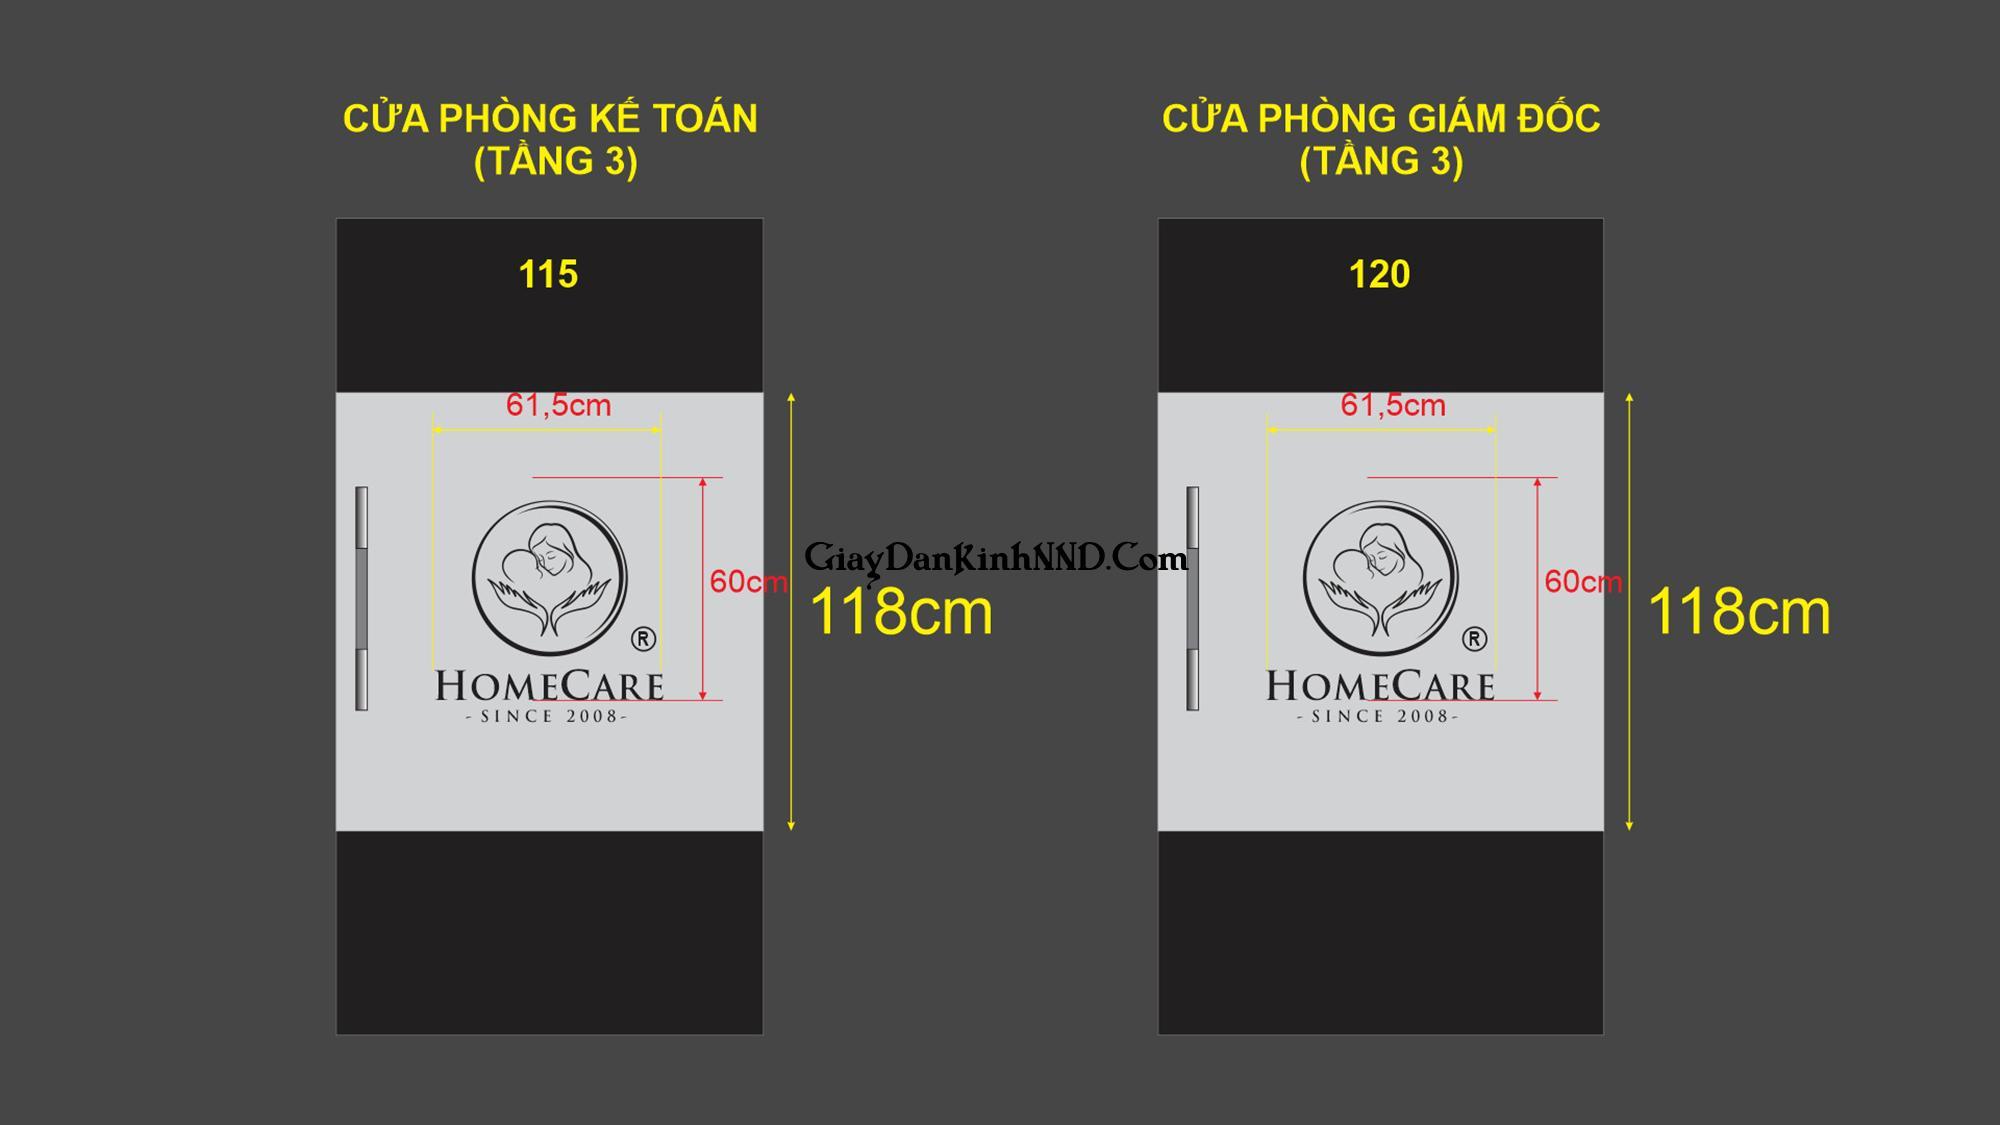 Market dán kính mờ cắt logo văn phòng spa Home Care.